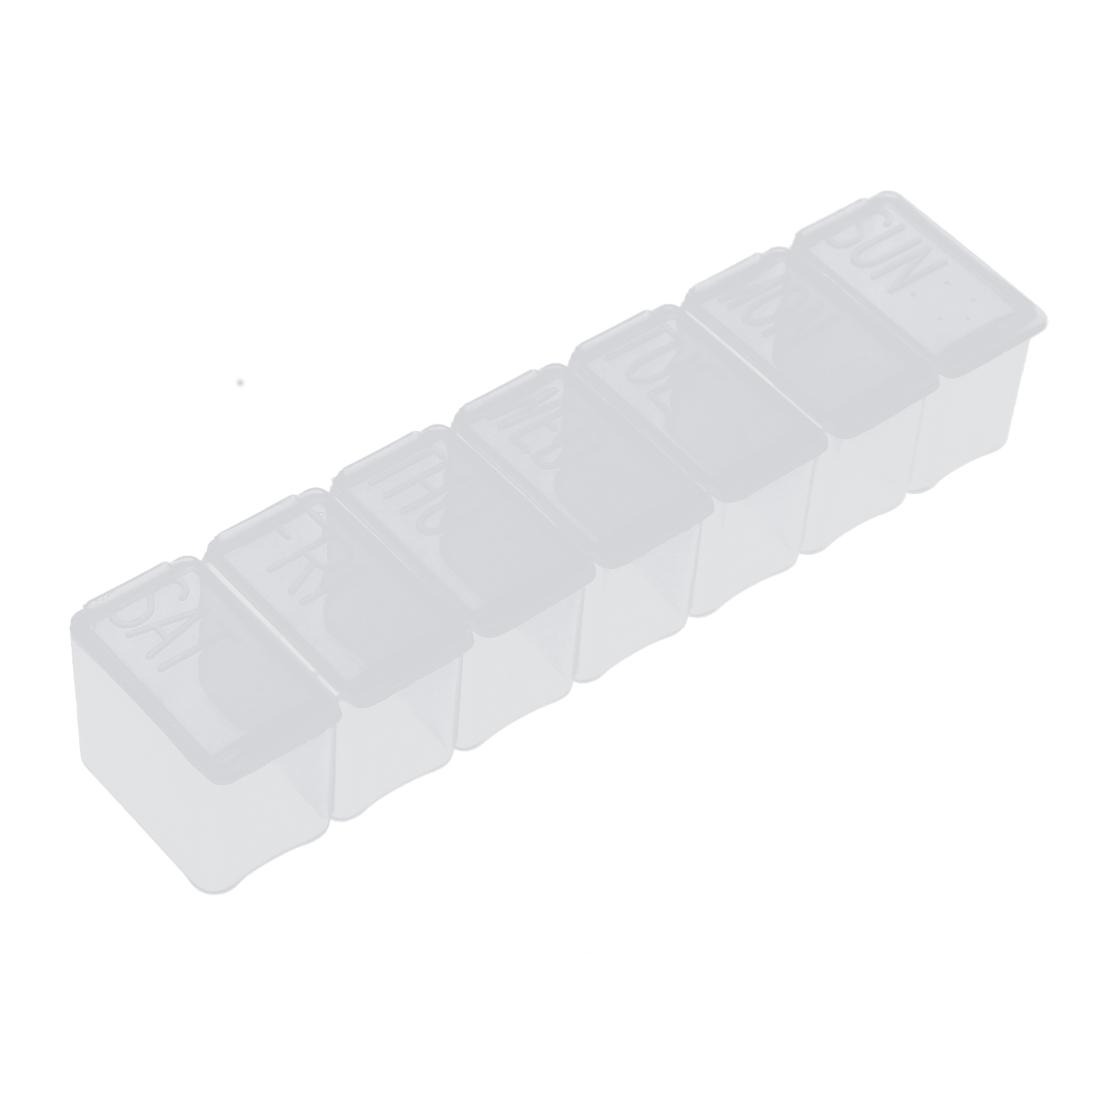 Pill 7 Days Weekly Dispenser Organizer Storage Case Box Holder